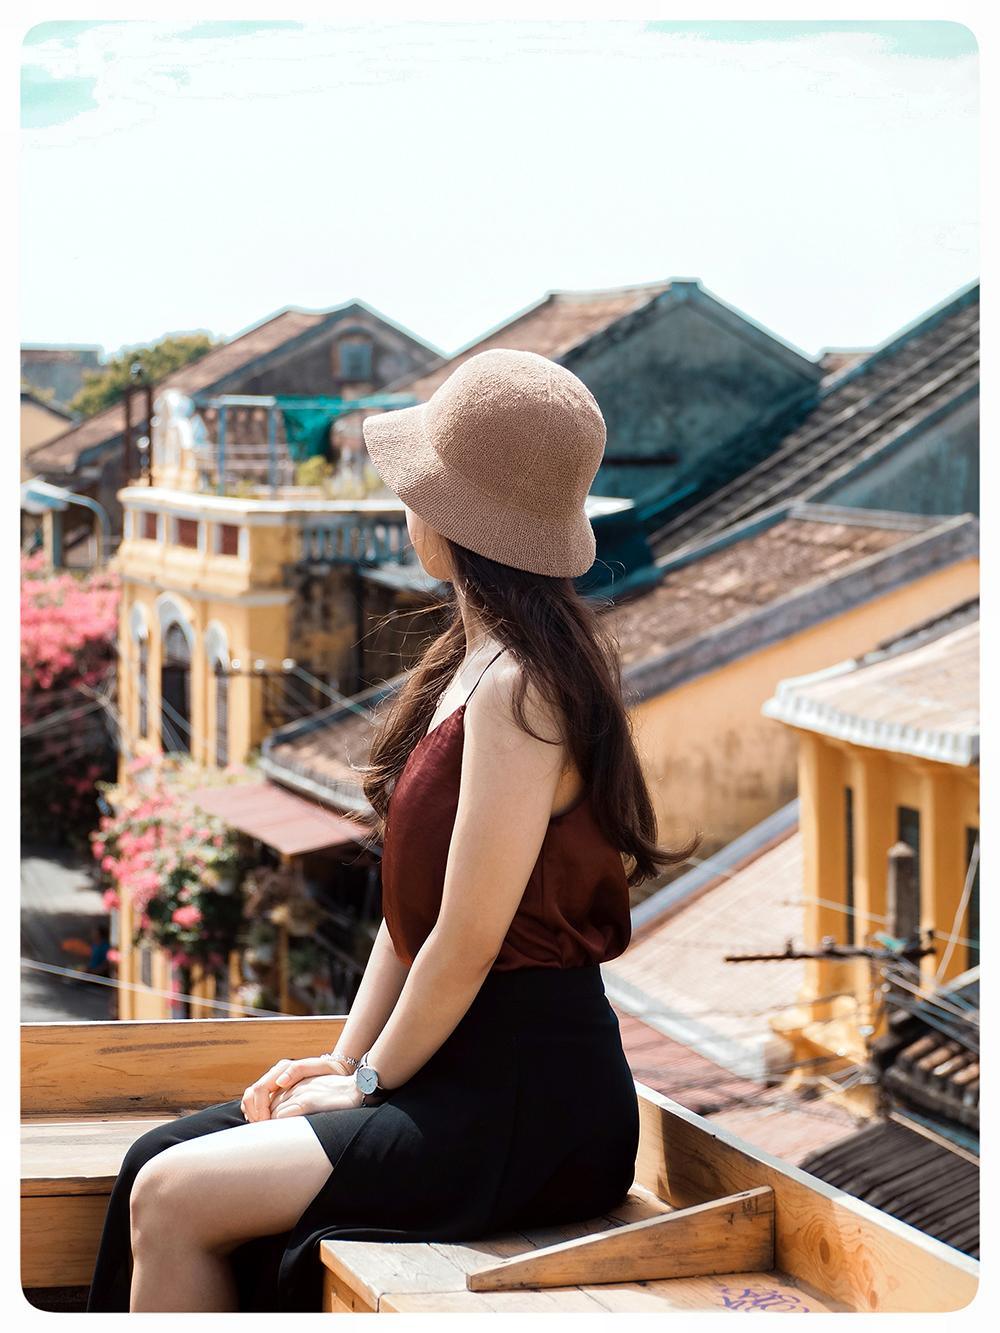 Chụp ảnh chân dung ngoại cảnh Hội An - Cafe Faifo Hội An